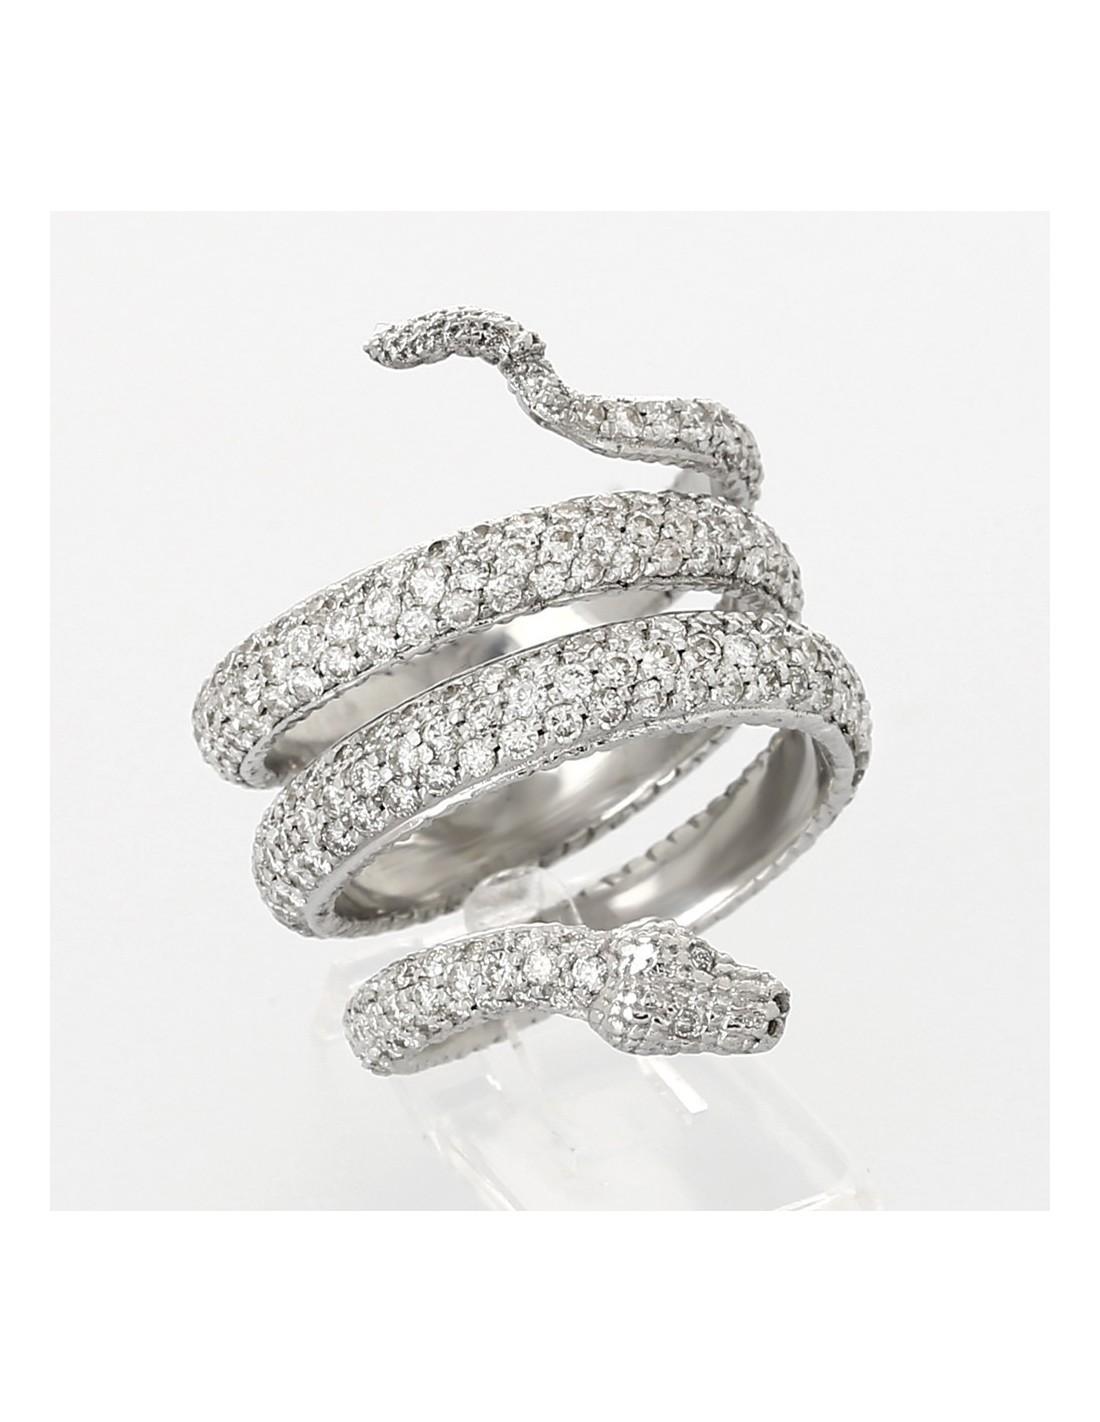 Bague pavée tour complet serpent diamants 3,69 carats,or 18 carats.  Référence bijou A40003